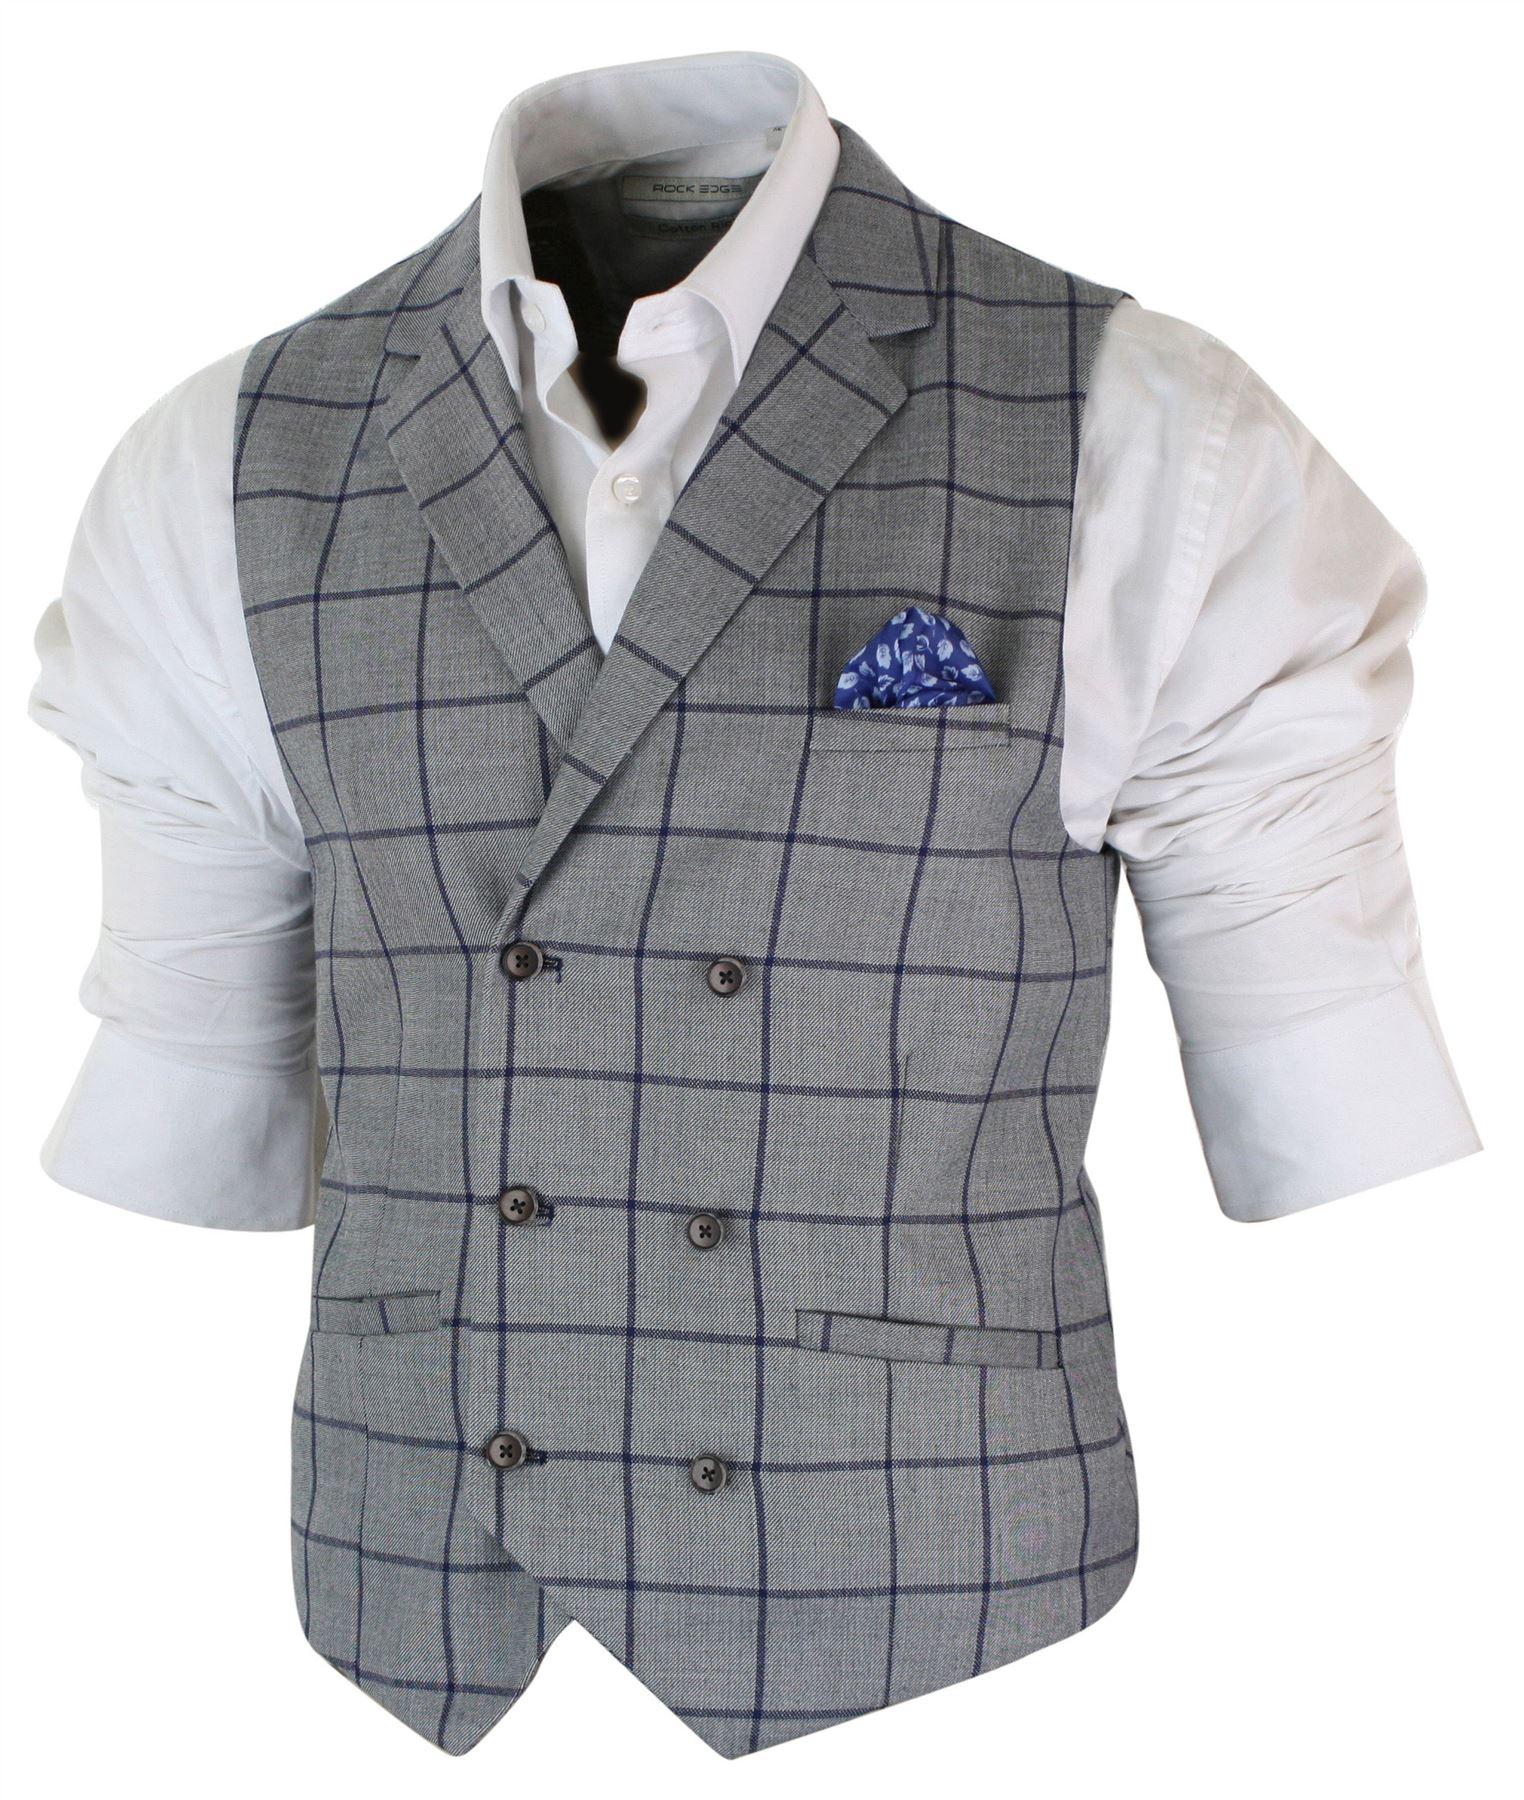 Mens-Double-Breasted-Herringbone-Tweed-Peaky-Blinders-Vintage-Check-Waistcoat miniatuur 3